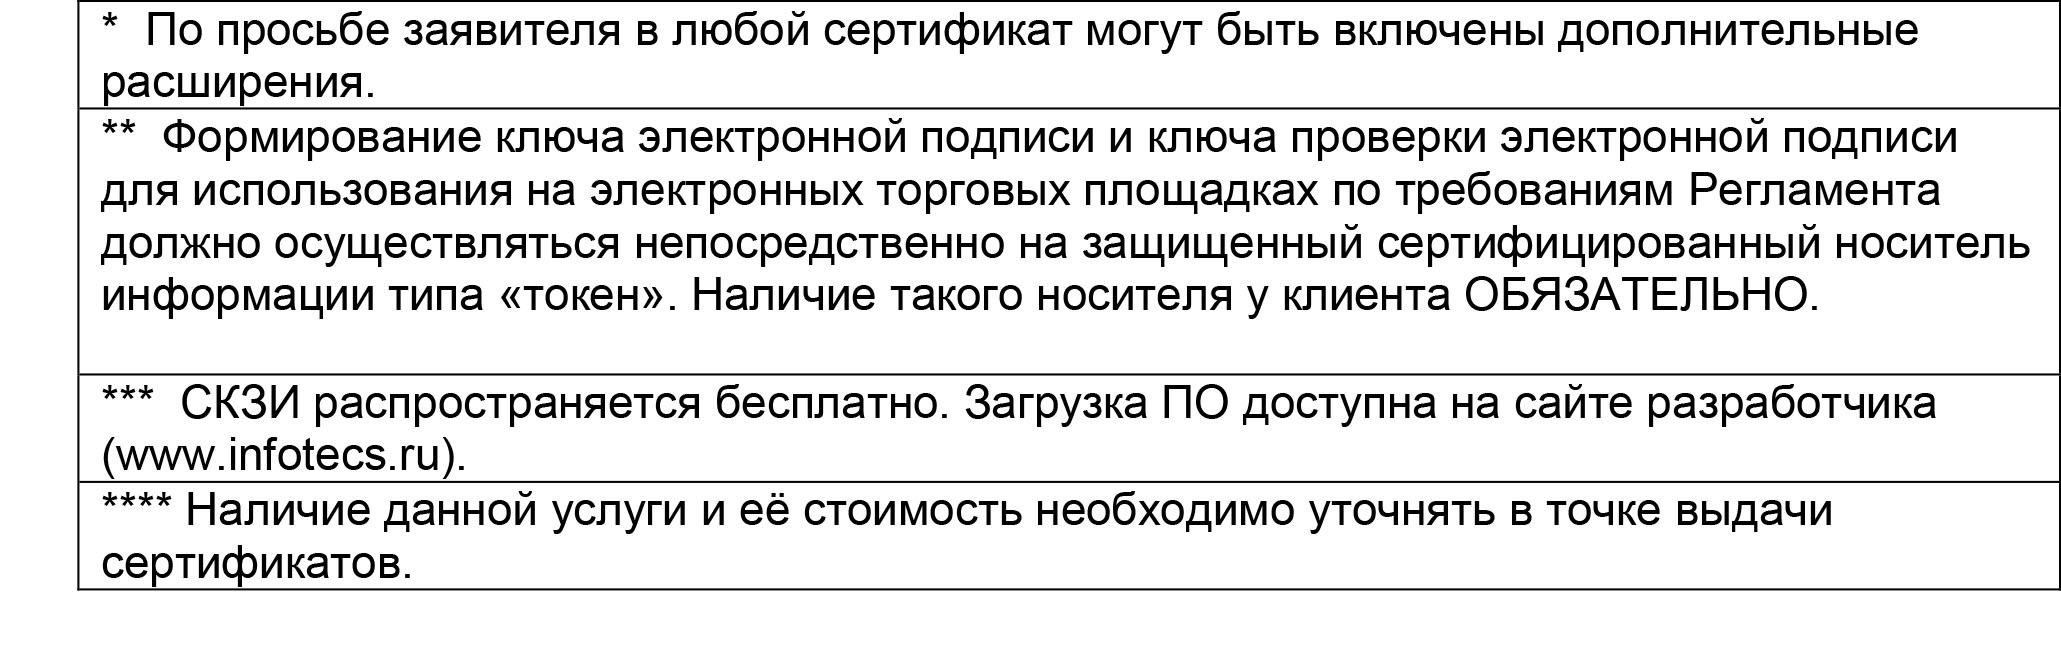 Электронная подпись(3)-3